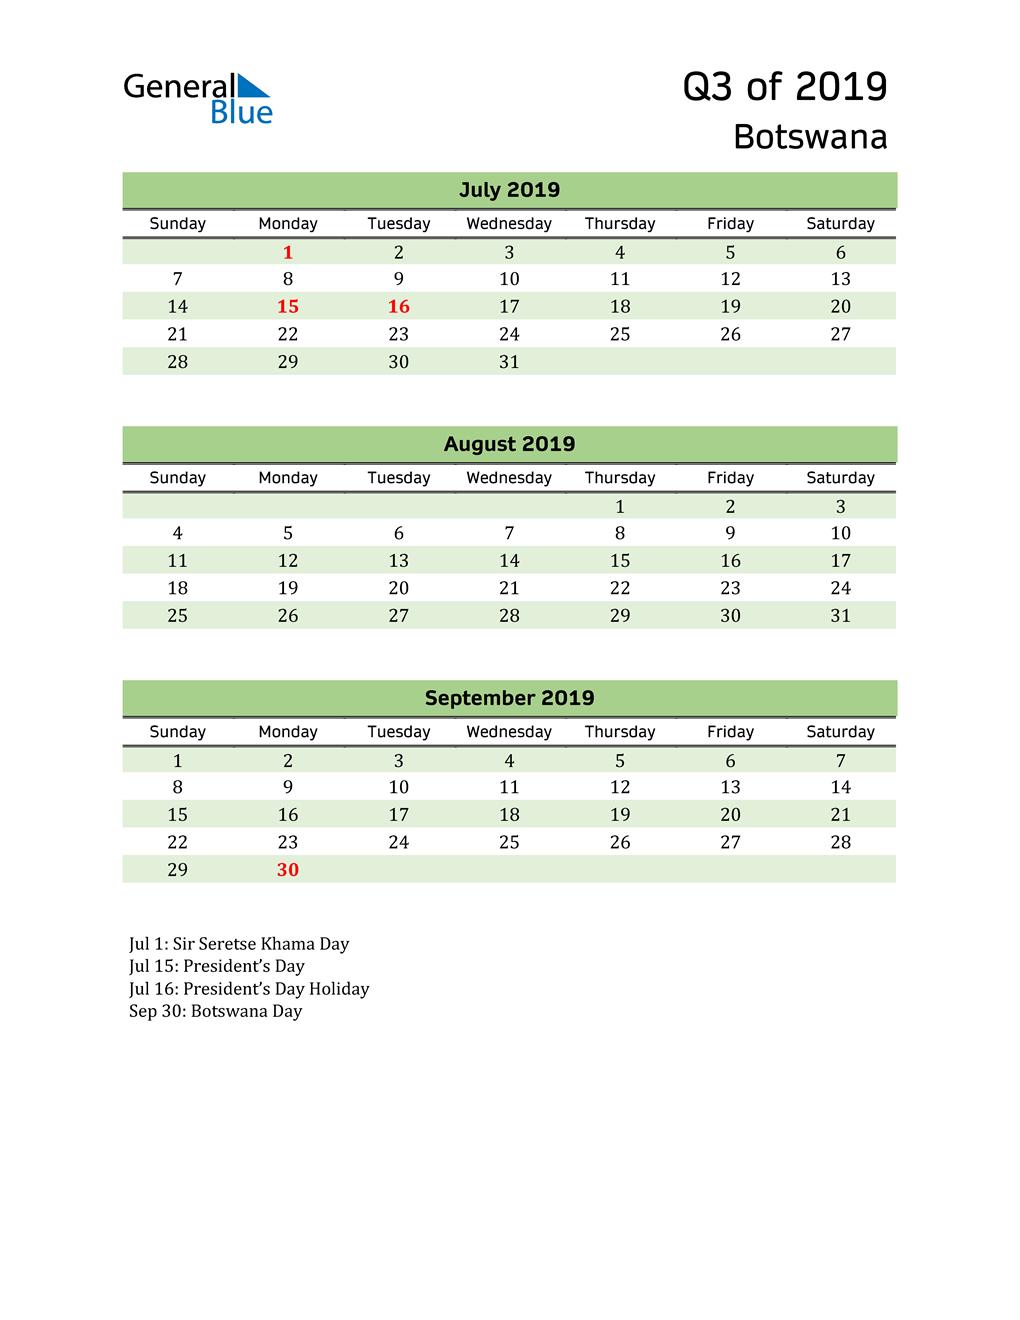 Quarterly Calendar 2019 with Botswana Holidays